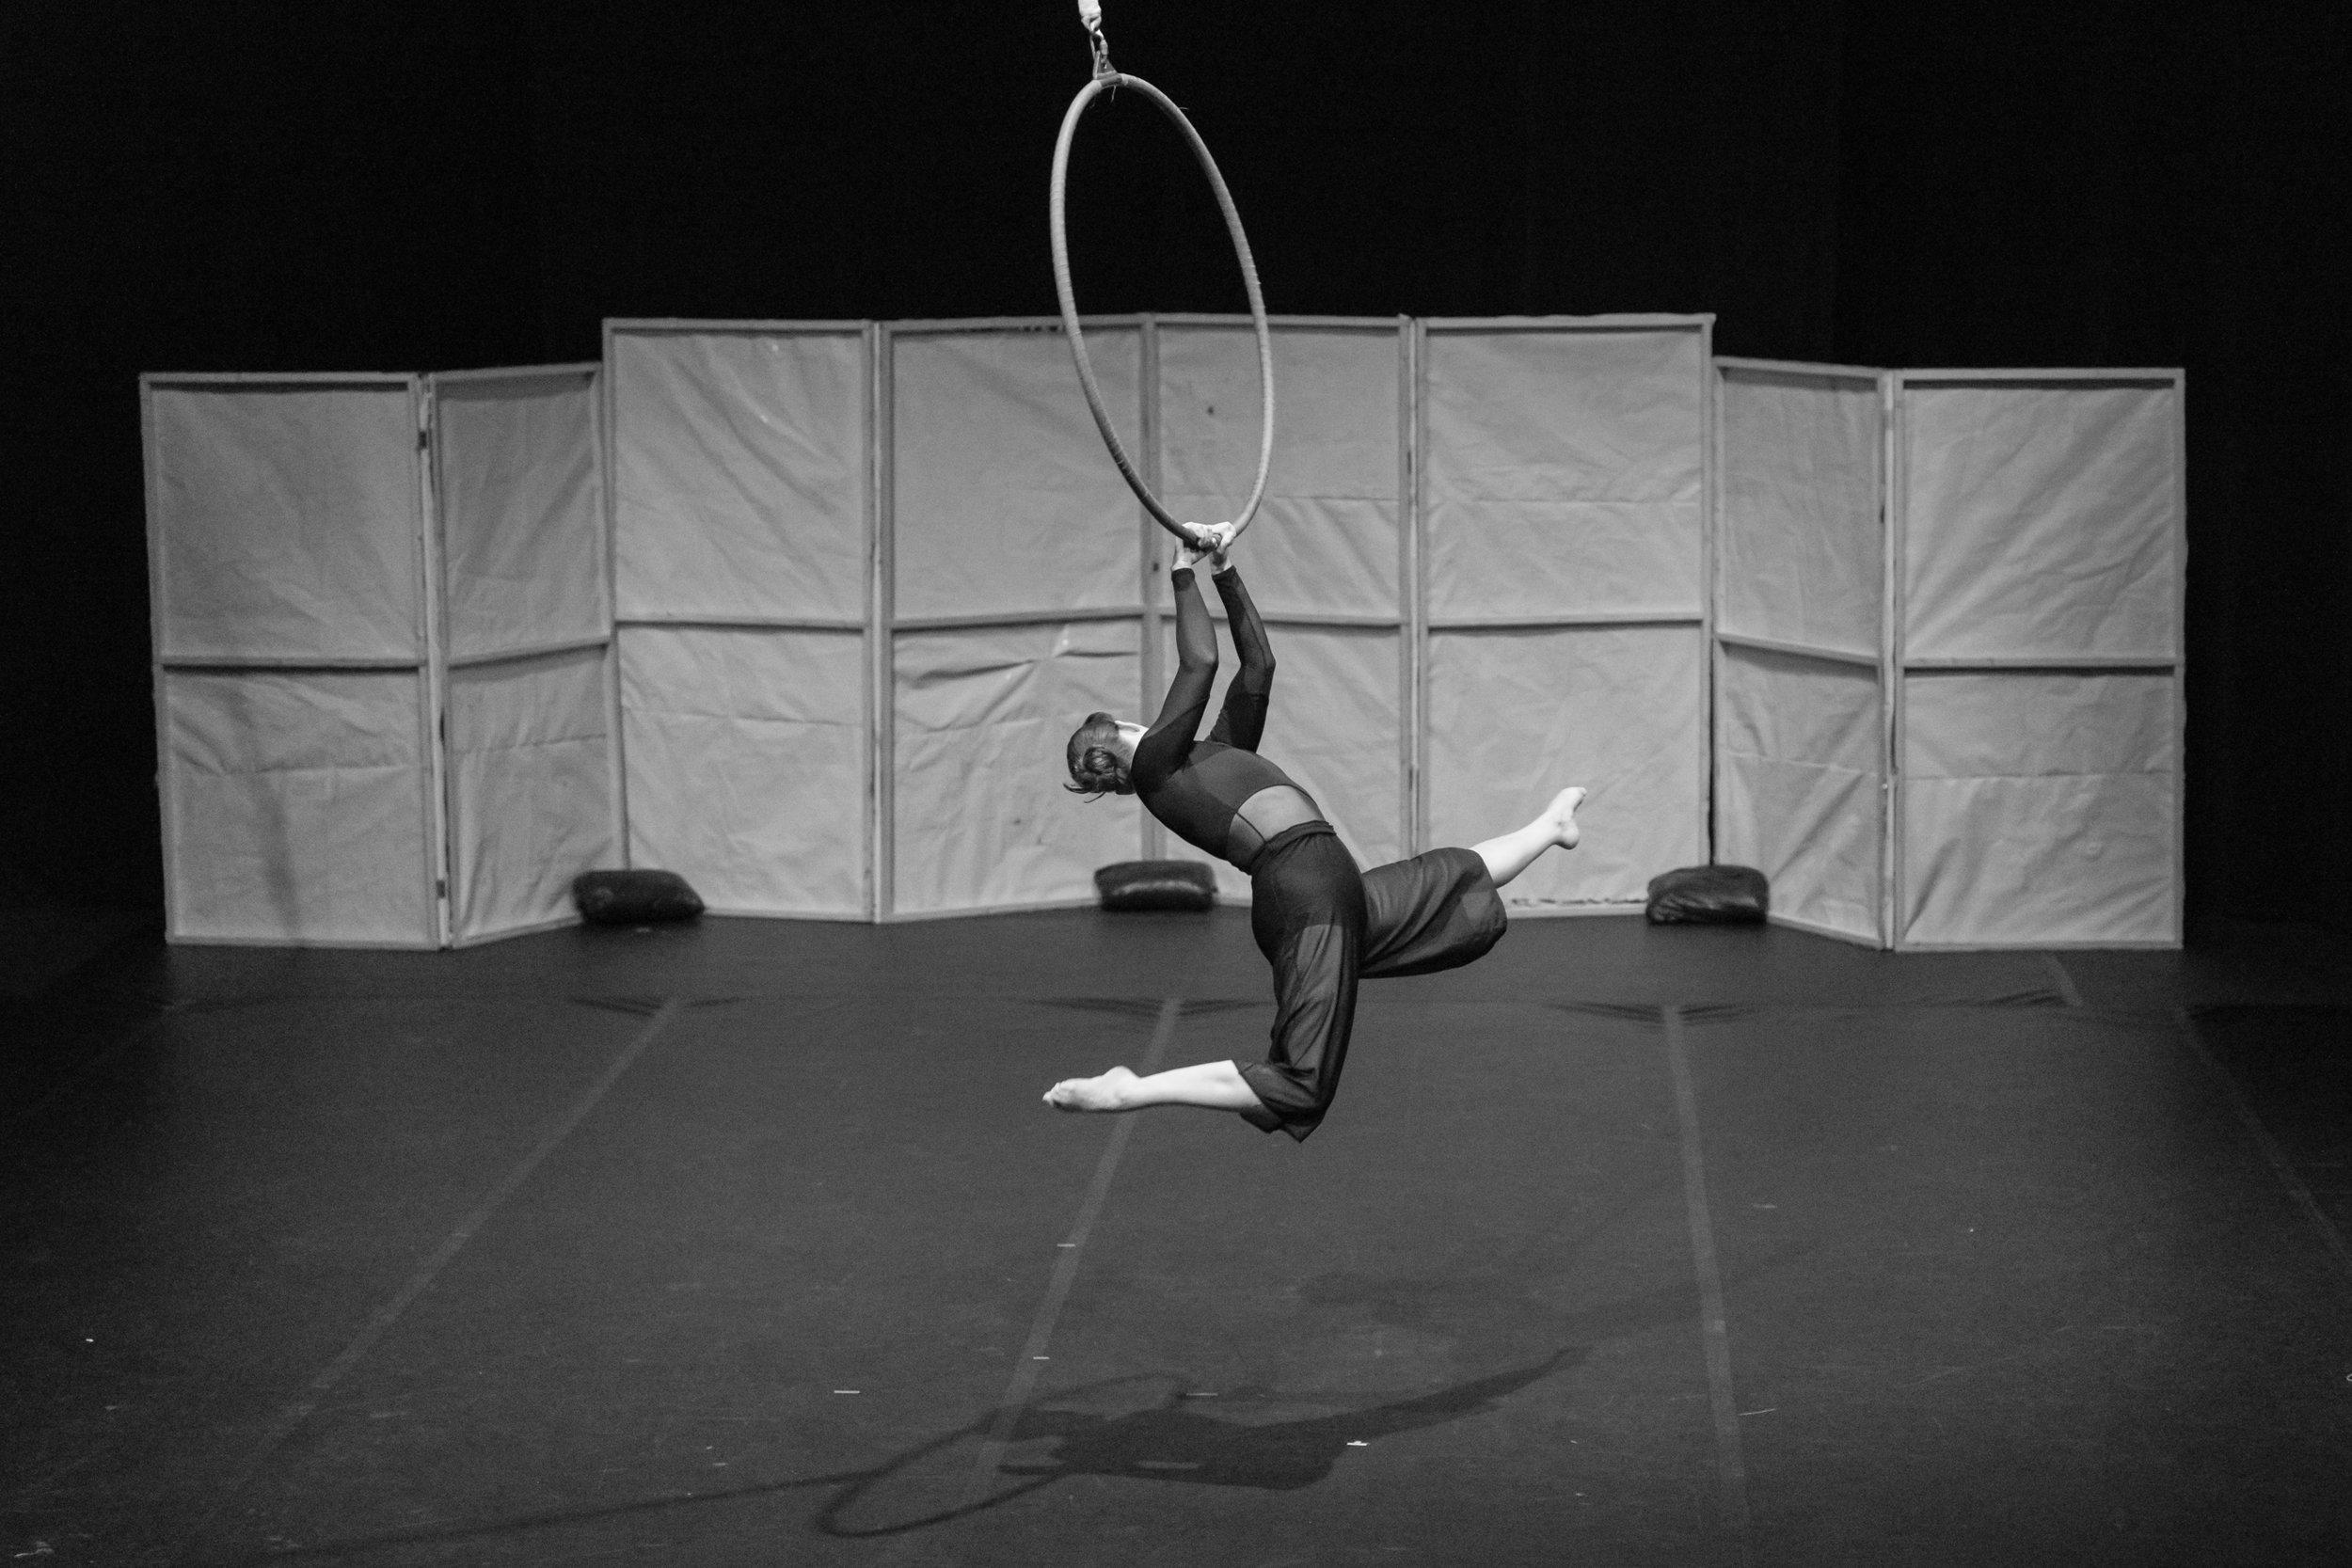 Momentum Aerial & Acrobatic Troupe